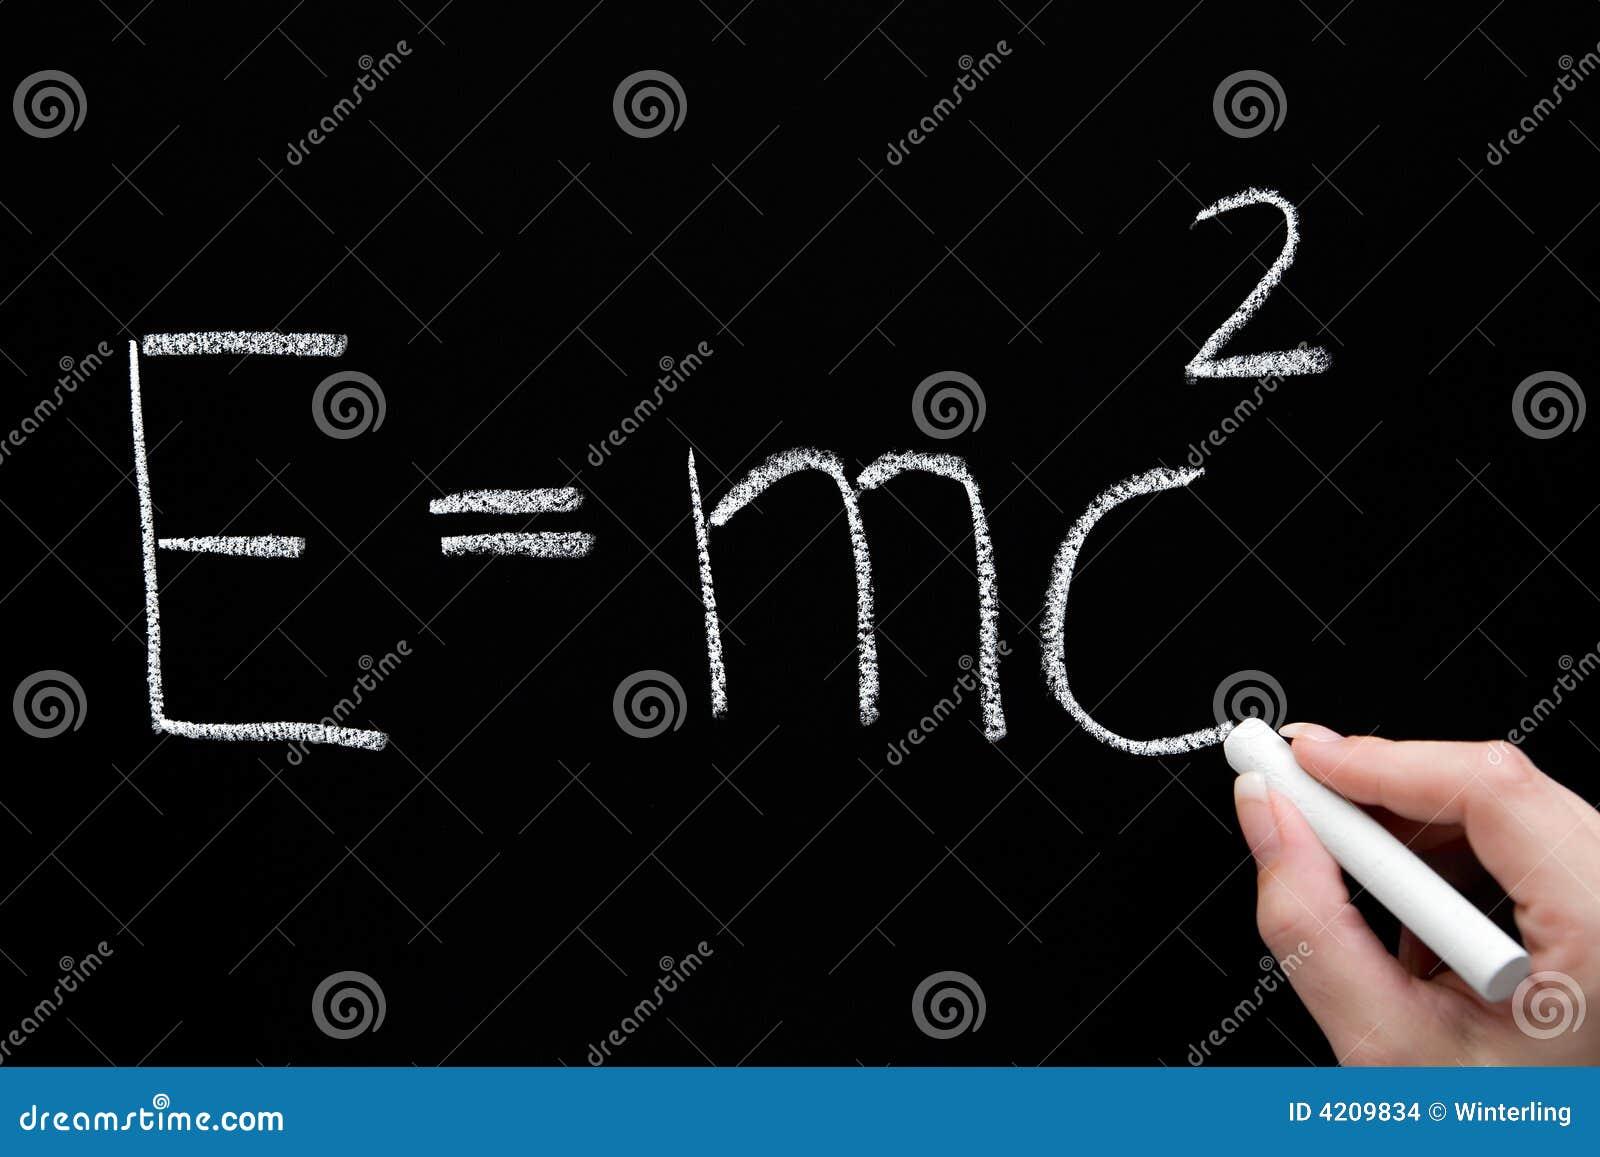 Theory of relativity theory of relativity theory of relativity stock